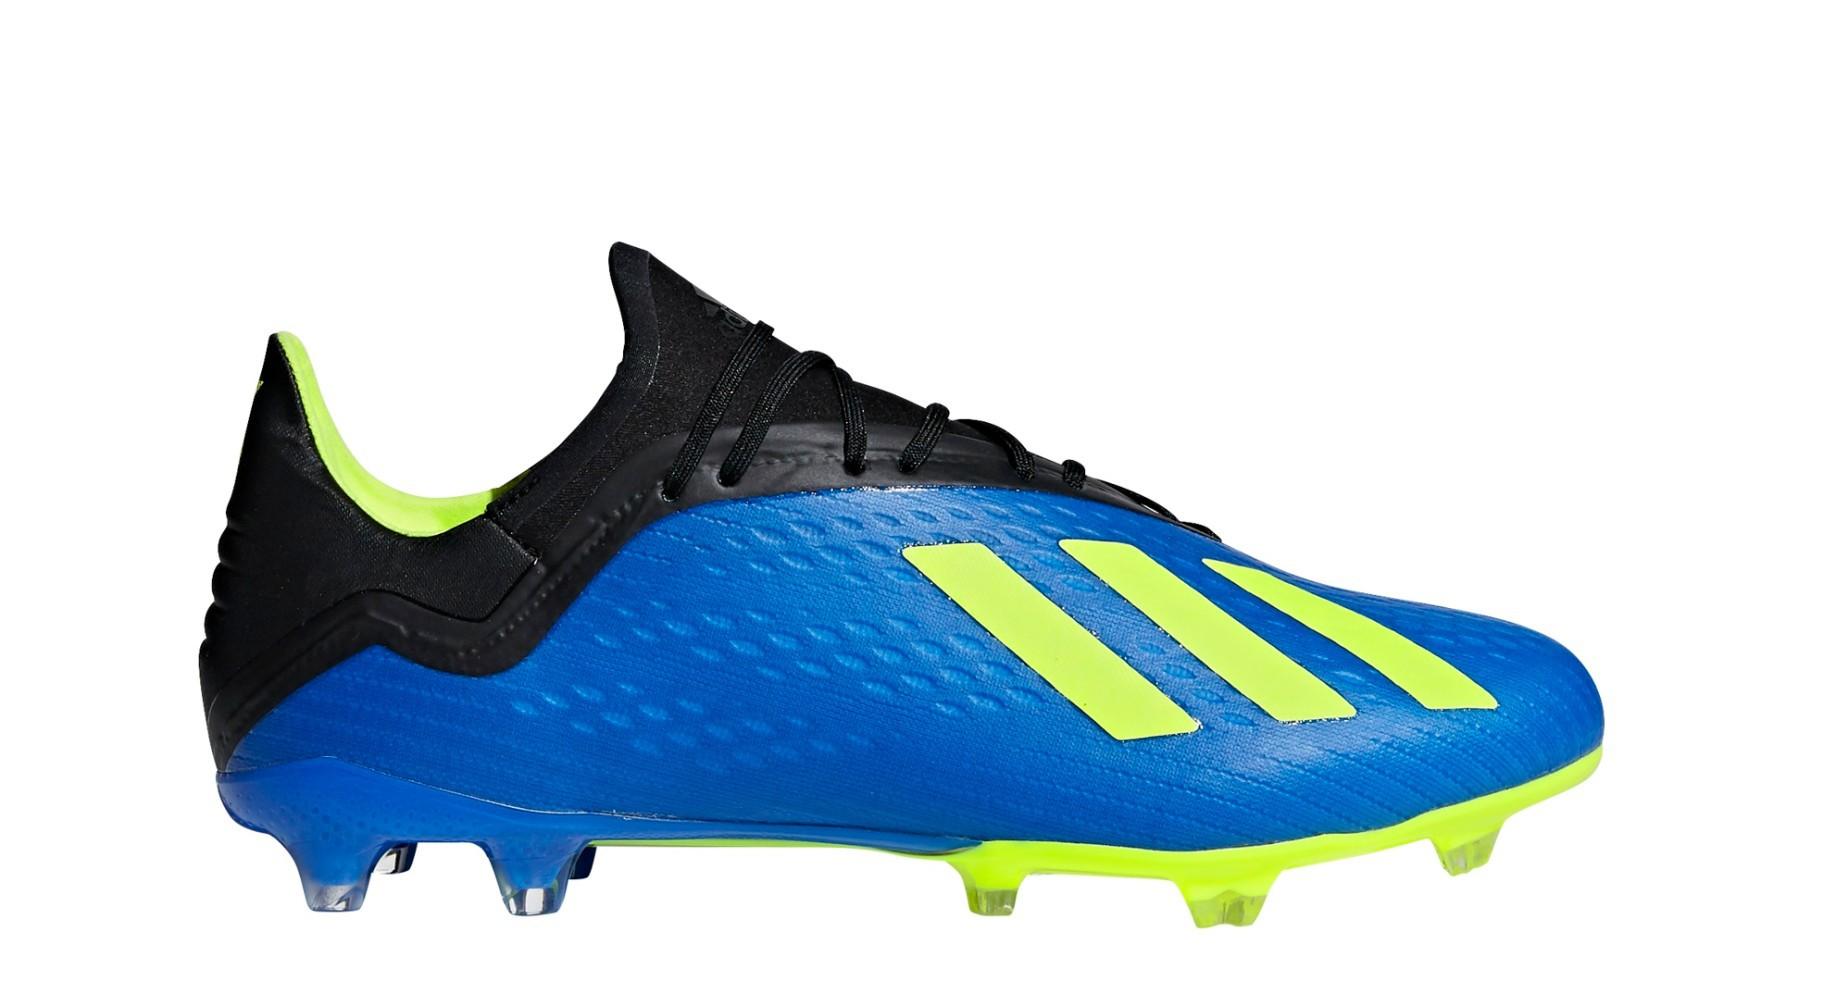 Scarpe Calcio Adidas X 18.2 FG Energy Mode Pack